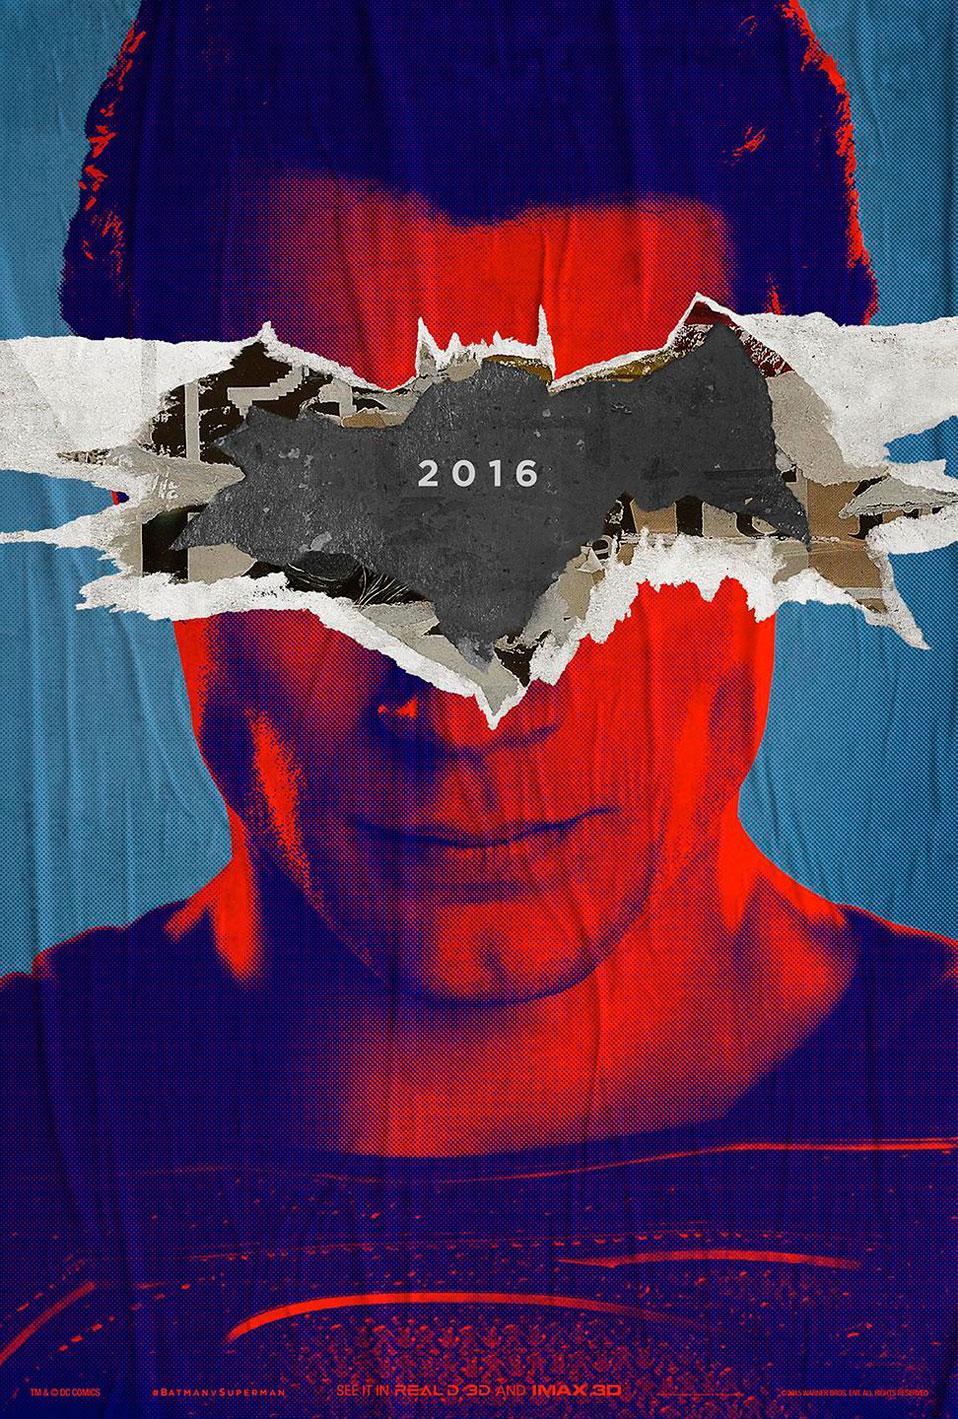 Batman-V-Superman-Superman-teaser-poster